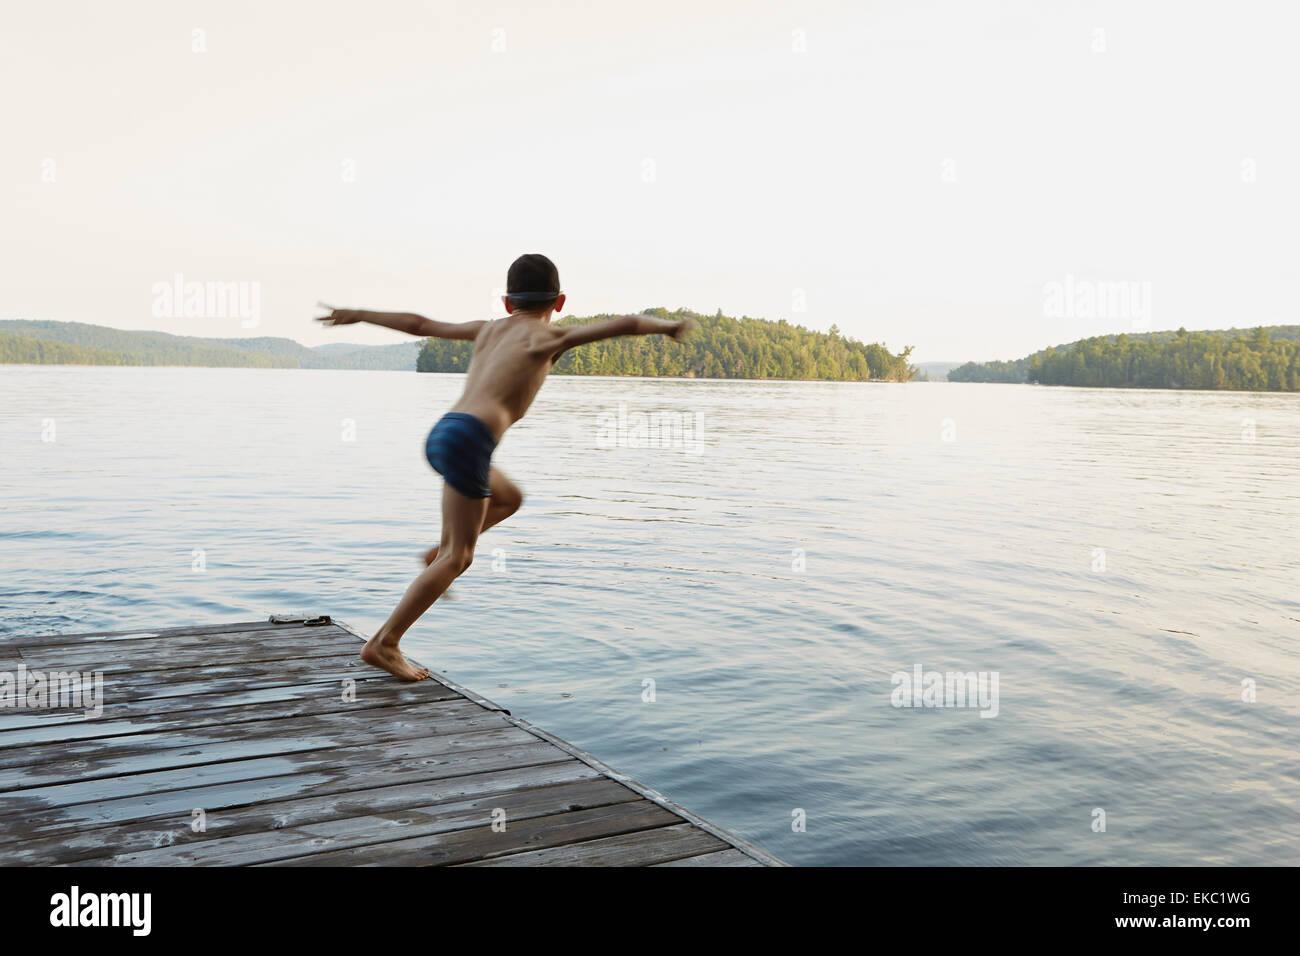 Junge, springen in See von hölzernen Pier, Ontario, Kanada Stockfoto